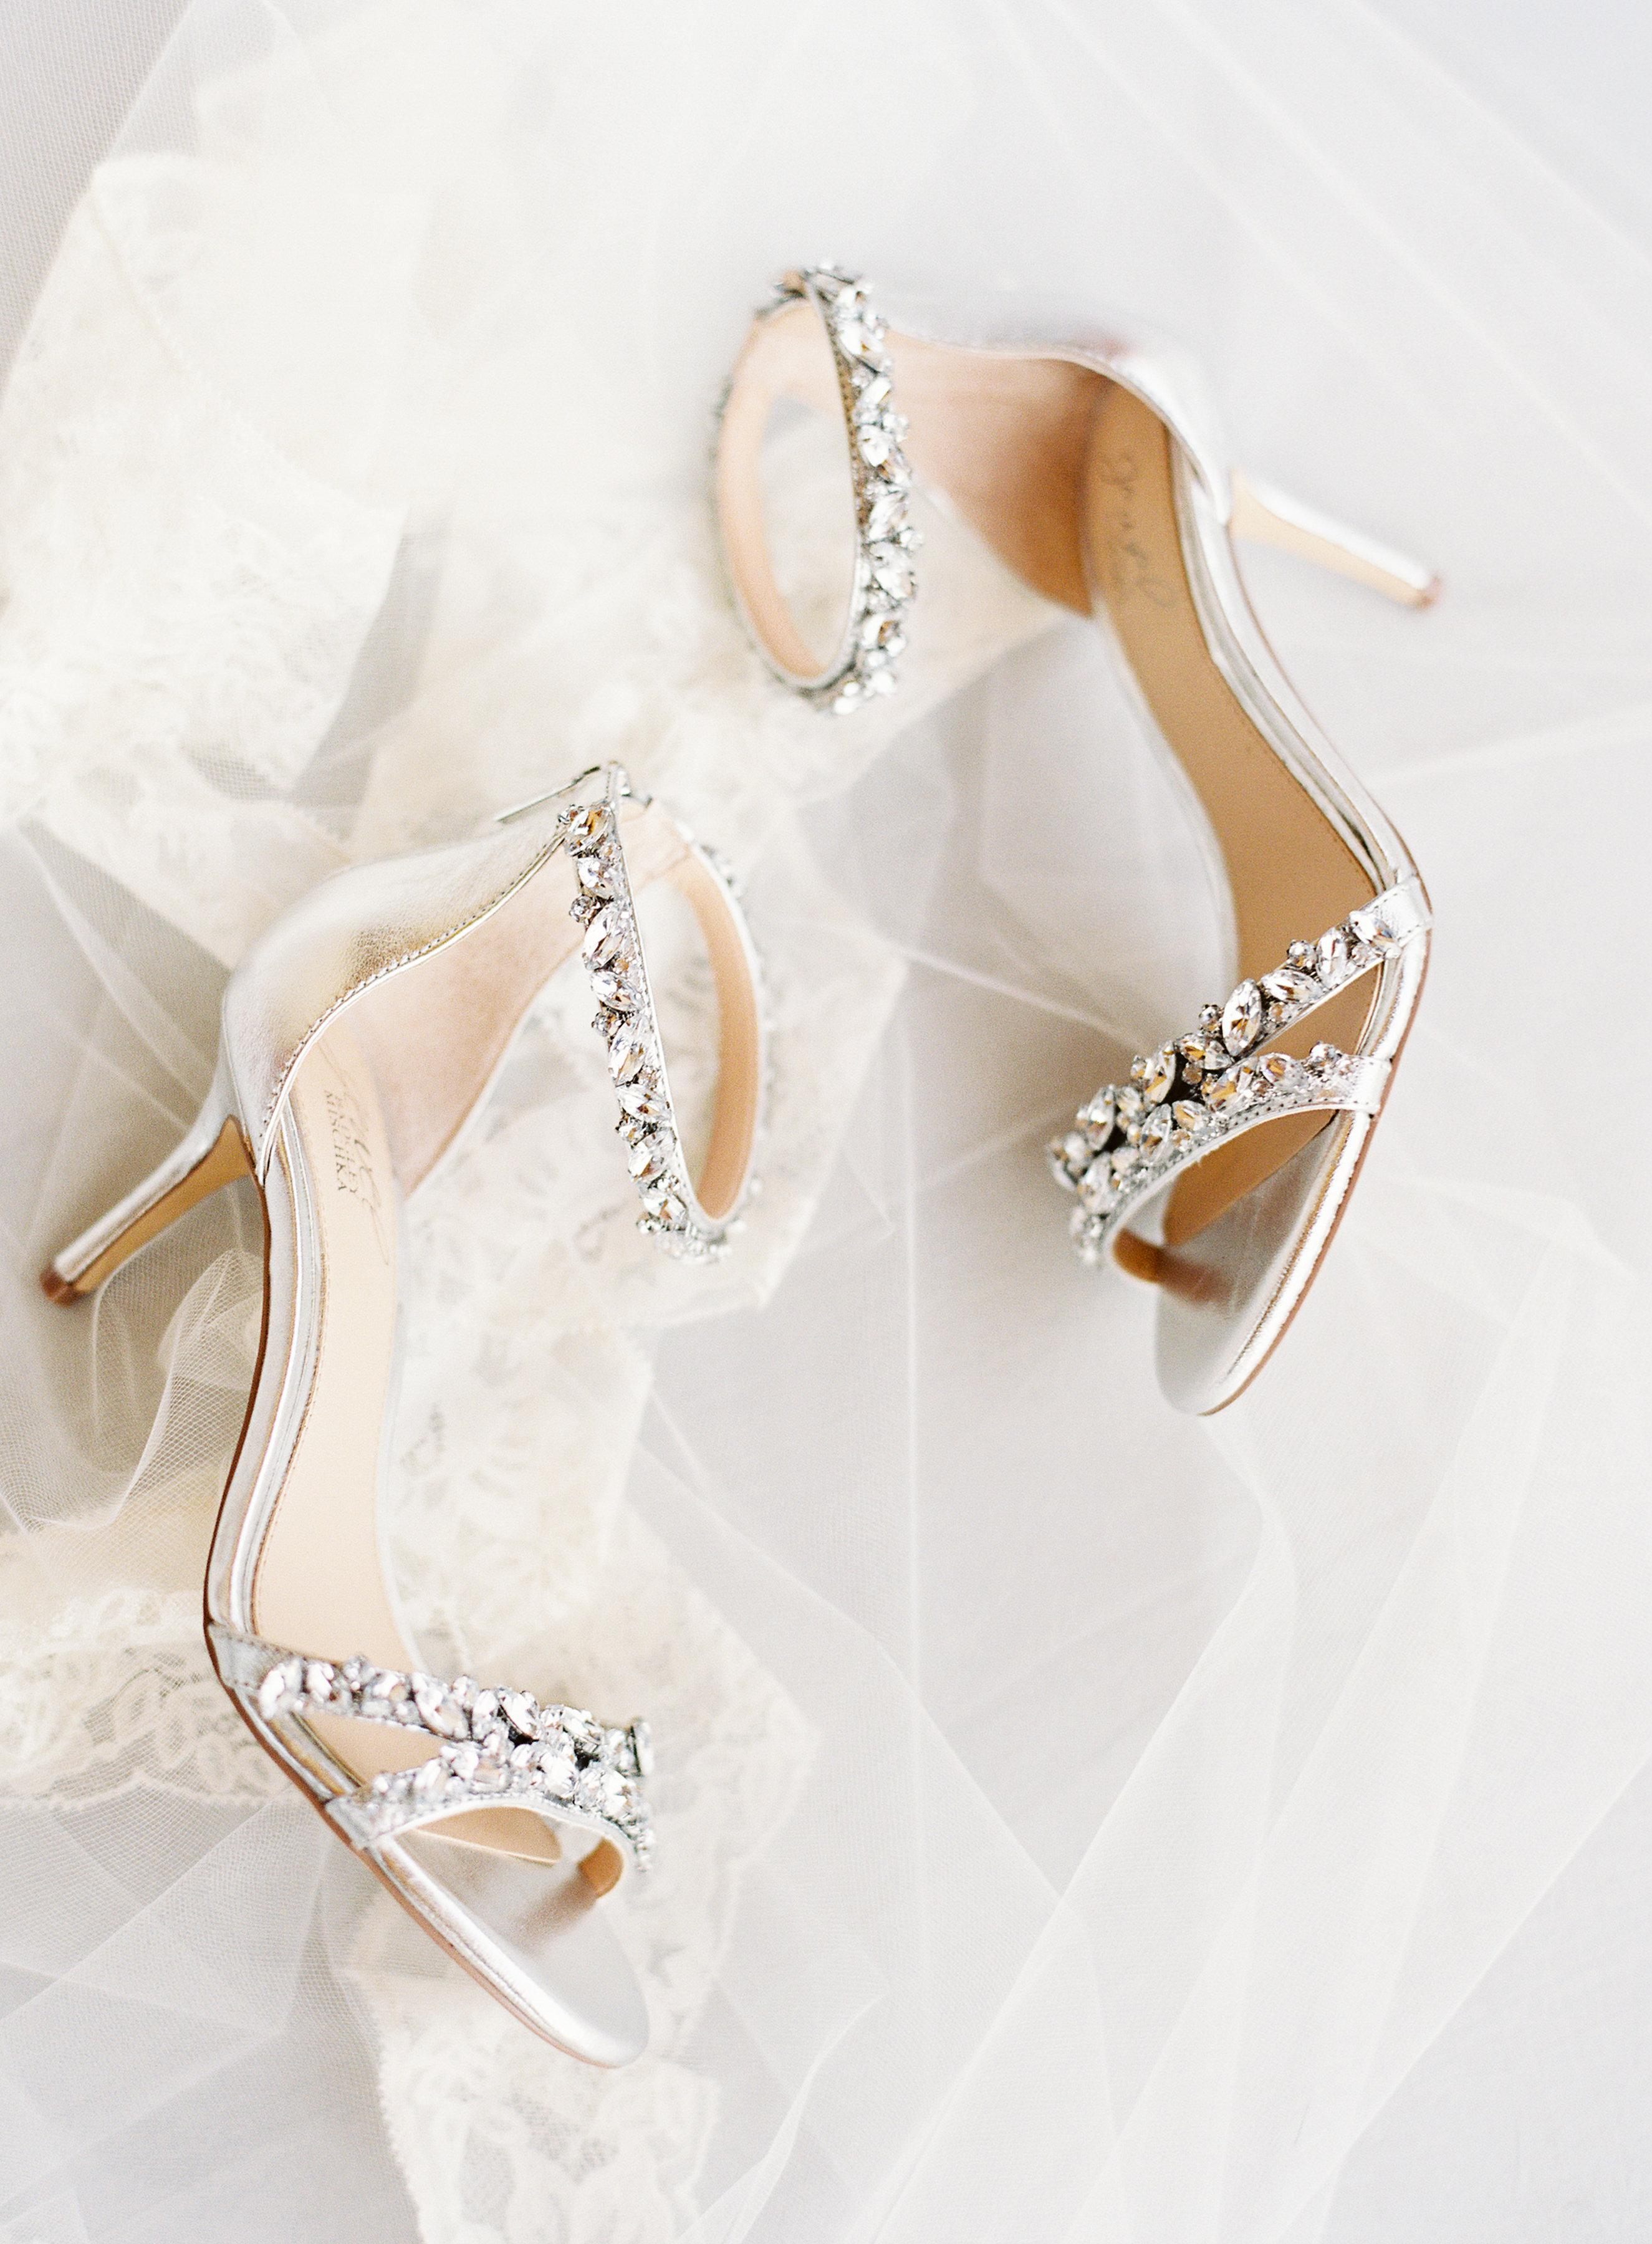 5f3b76e1535 Badgley Mischka Wedding Shoes - Elizabeth Anne Designs  The Wedding Blog